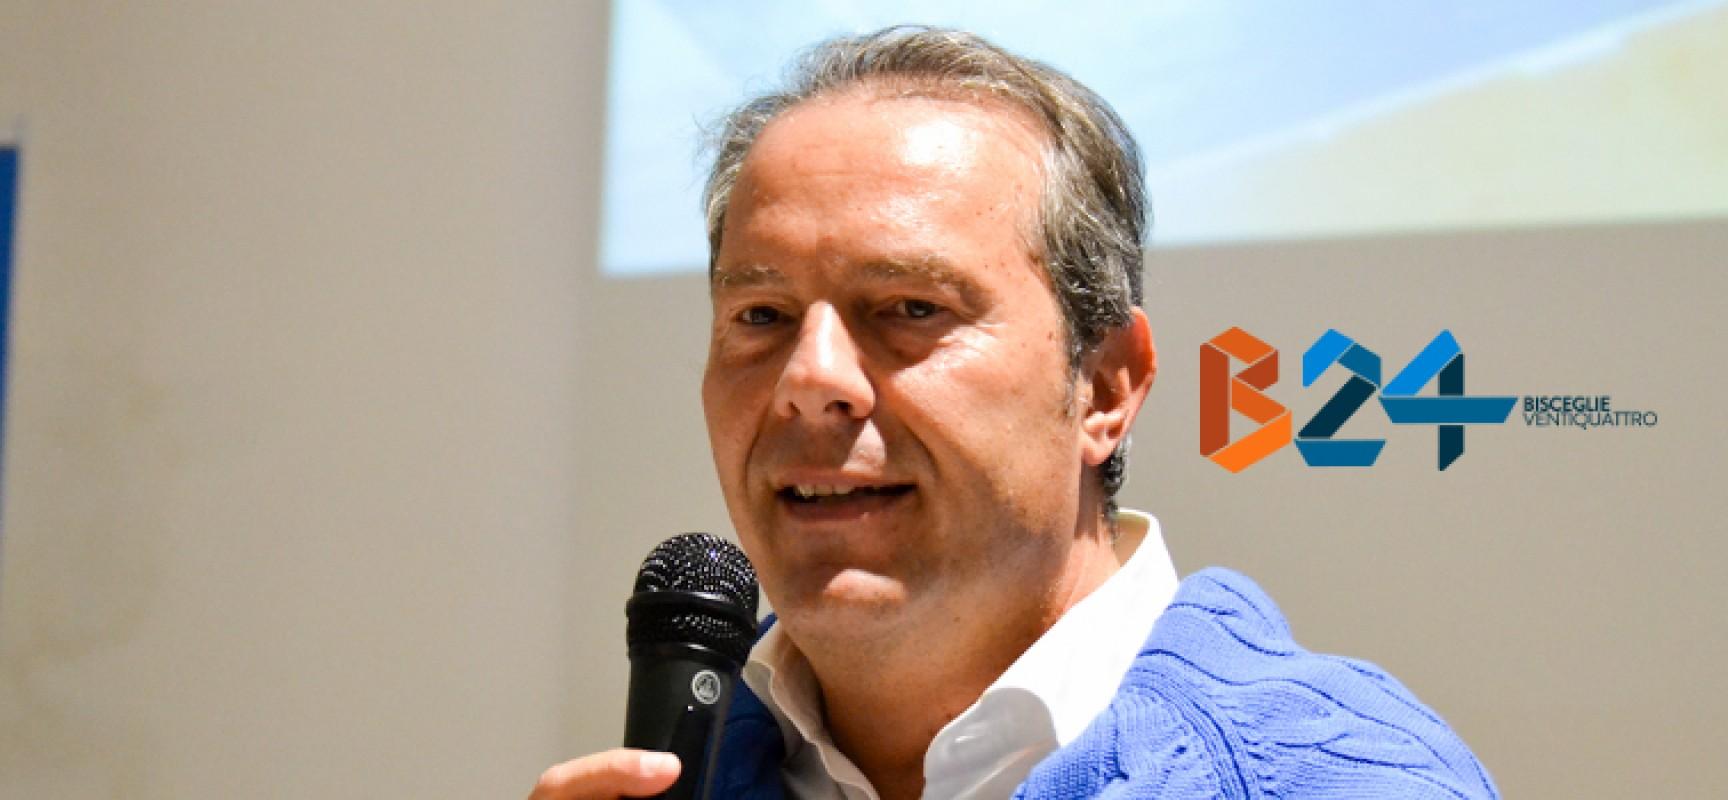 Francesco Spina candidato alla Camera, manca solo l'ufficialità